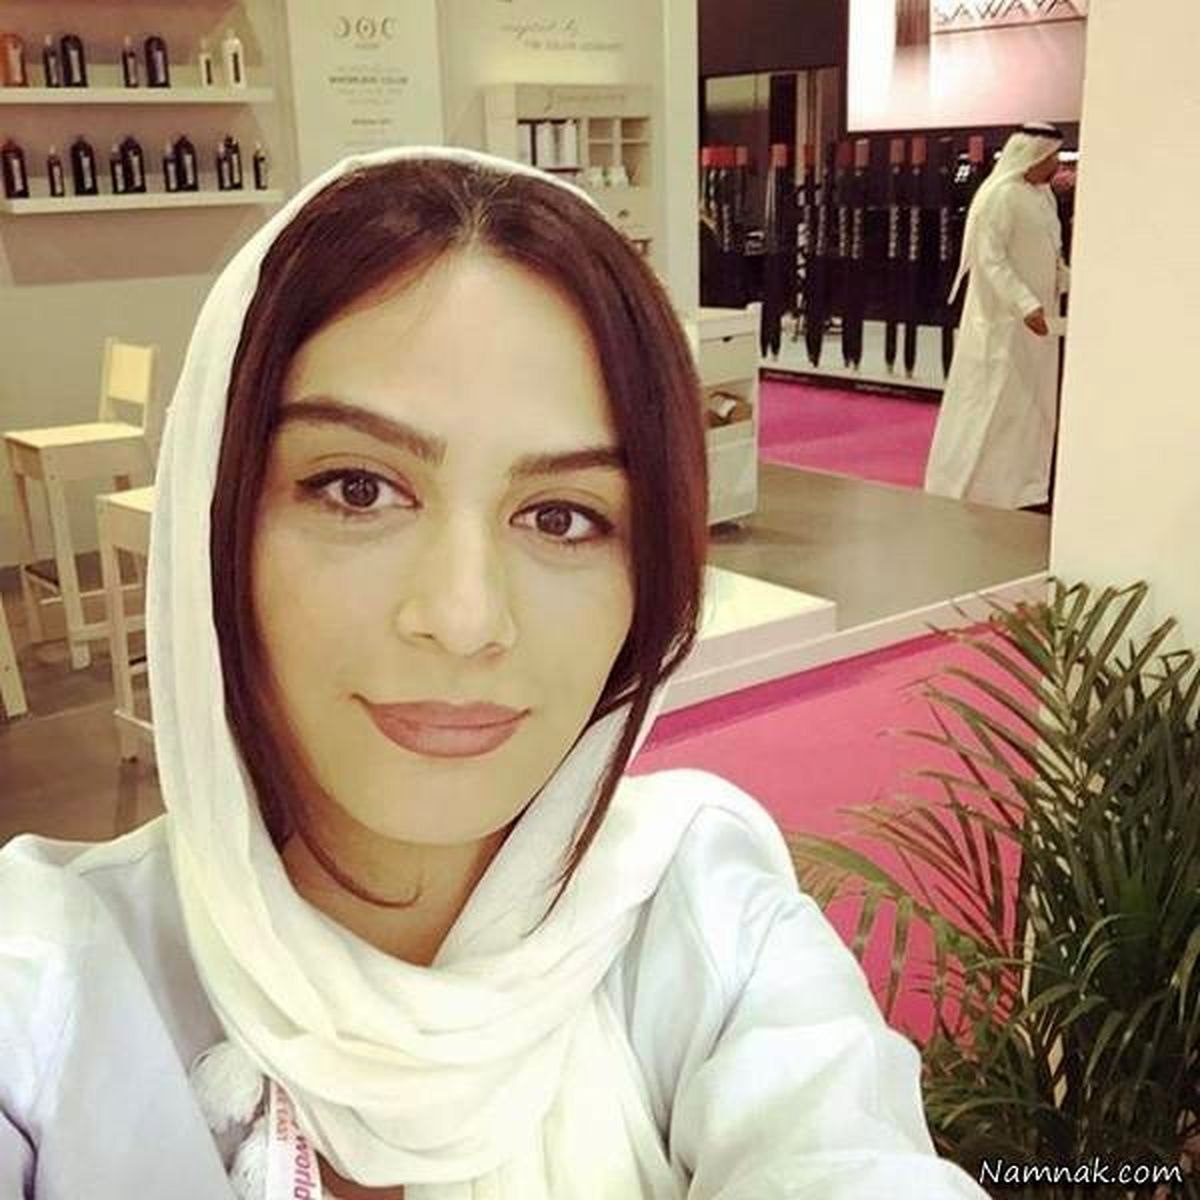 خوابیدن مارال فرجاد در ماشین مهراب قاسمخانی جنجالی شد +عکس